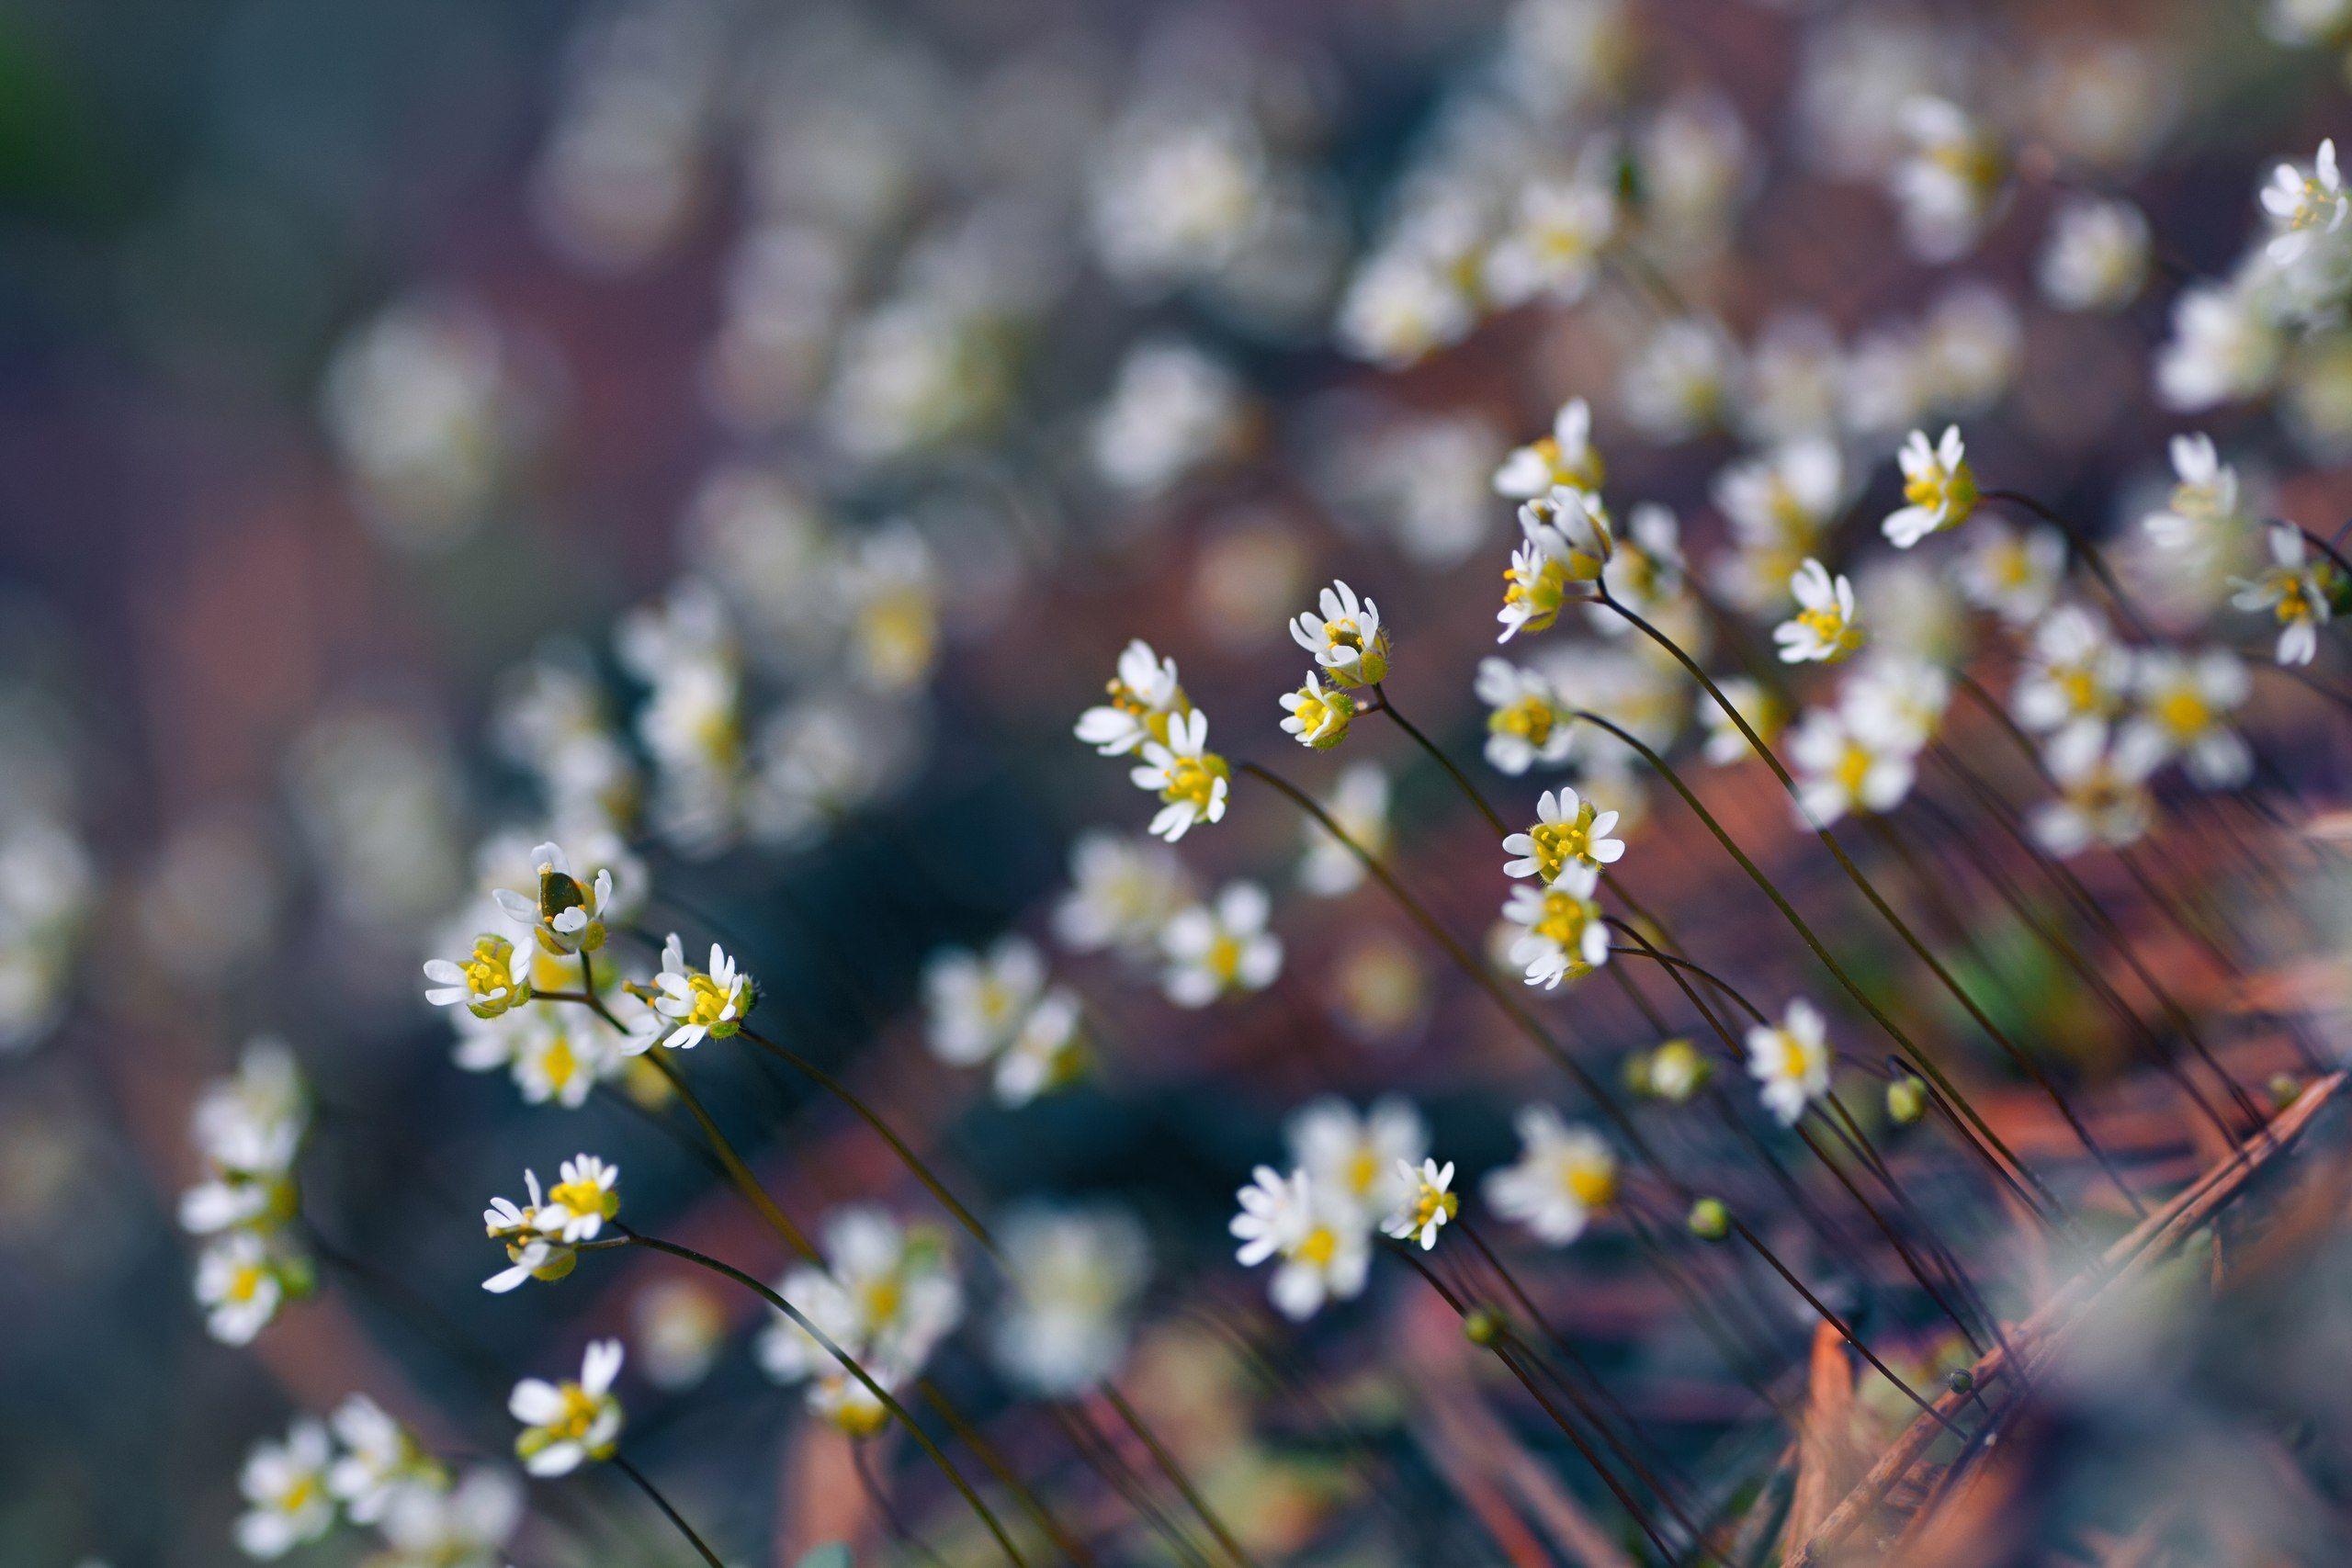 цветы, белый, свет, радуга, блики, весна, Котов Юрий